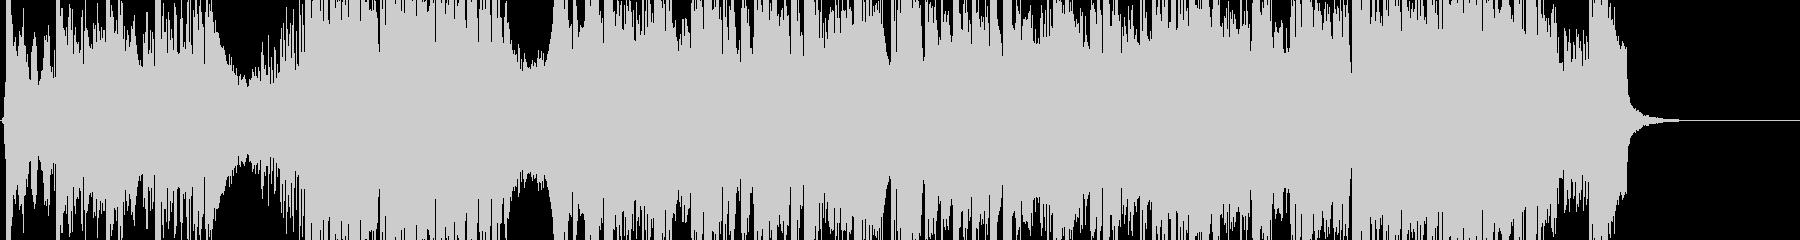 朝にぴったり元気なアコギ曲3の未再生の波形